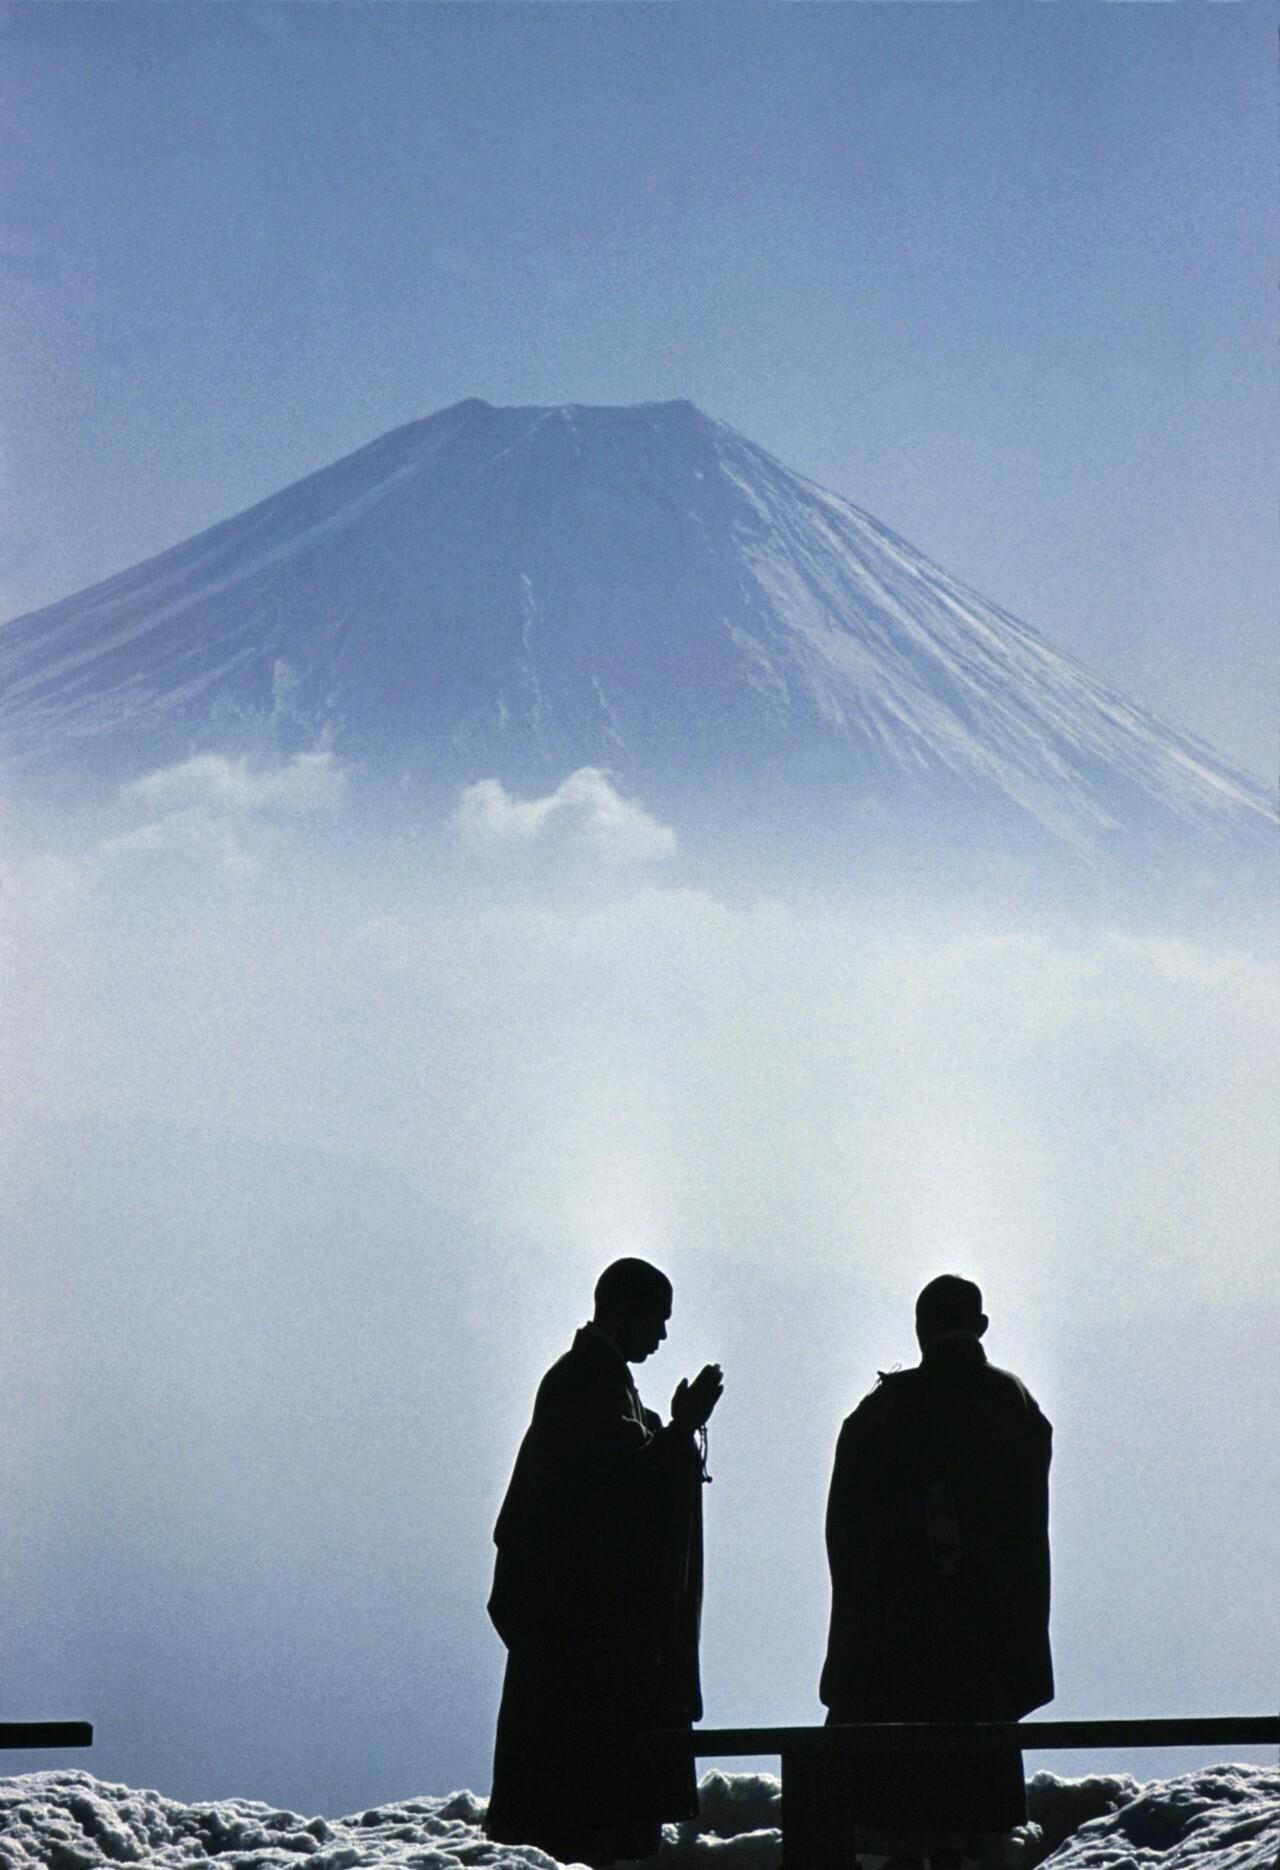 Монахи ранним утром созерцают гору Фудзи, Япония, 1961. Фотограф Берт Глинн